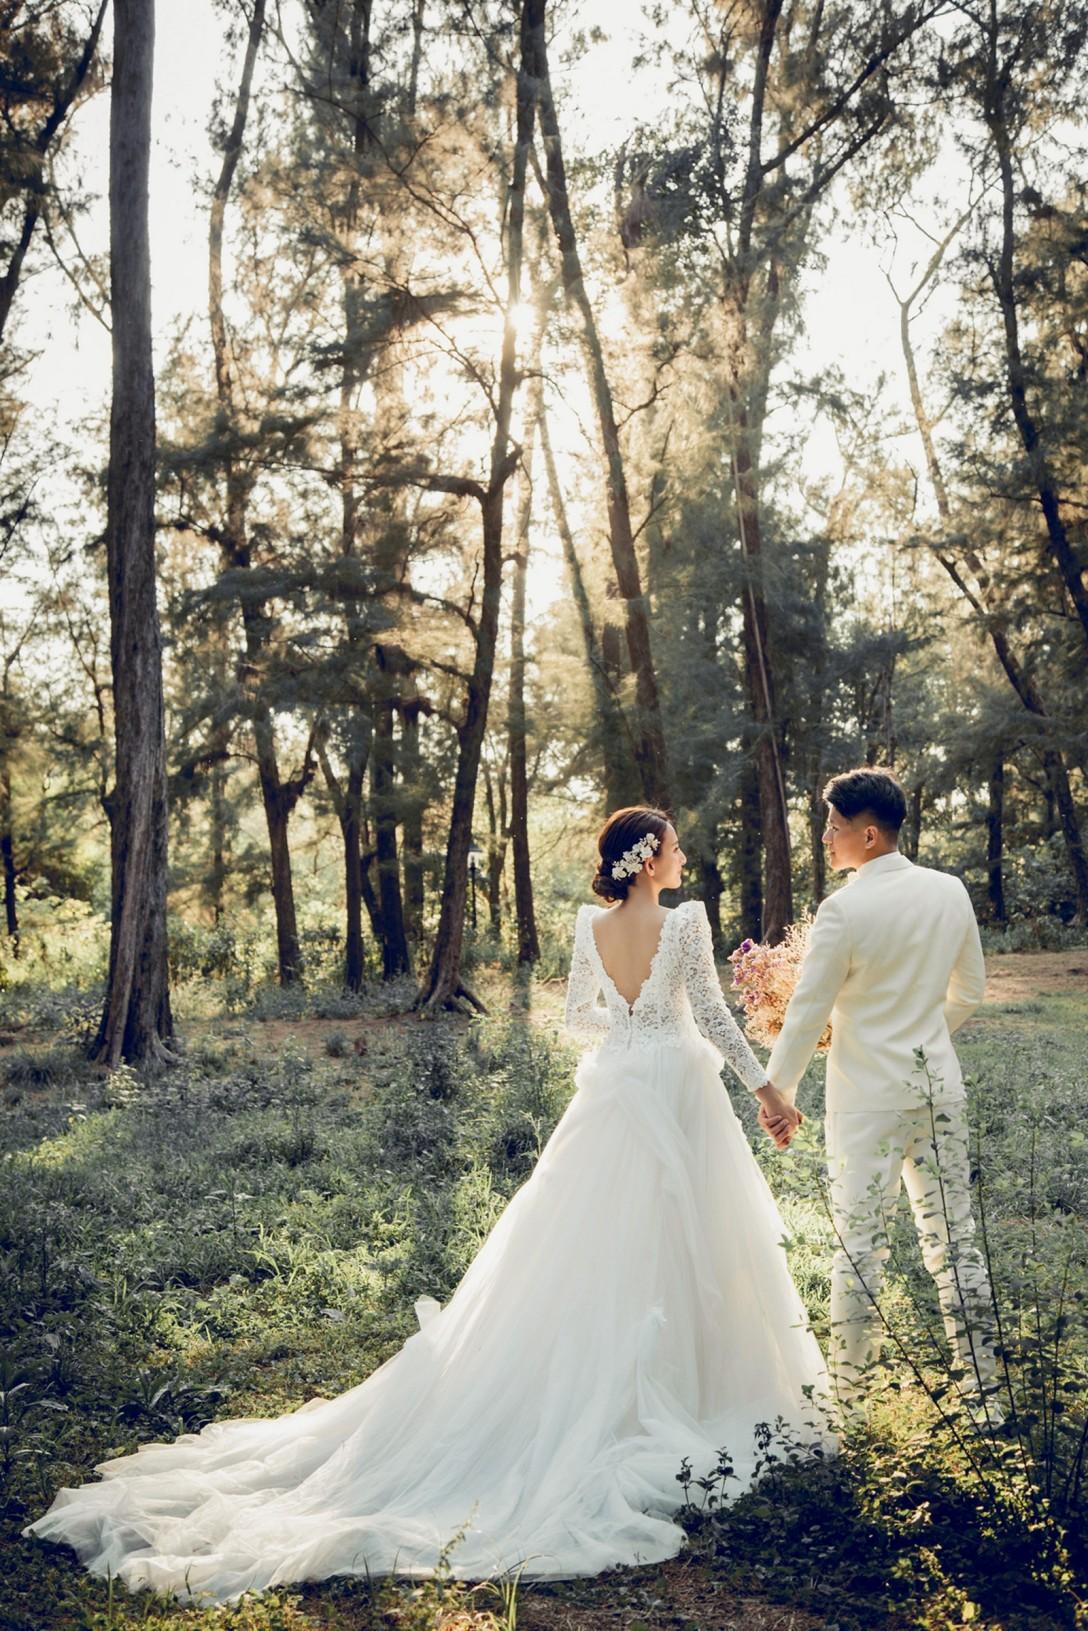 自助婚紗,自助婚紗推薦,自助婚紗風格,婚紗照,e7b693e585b8e99f93e9a2a824